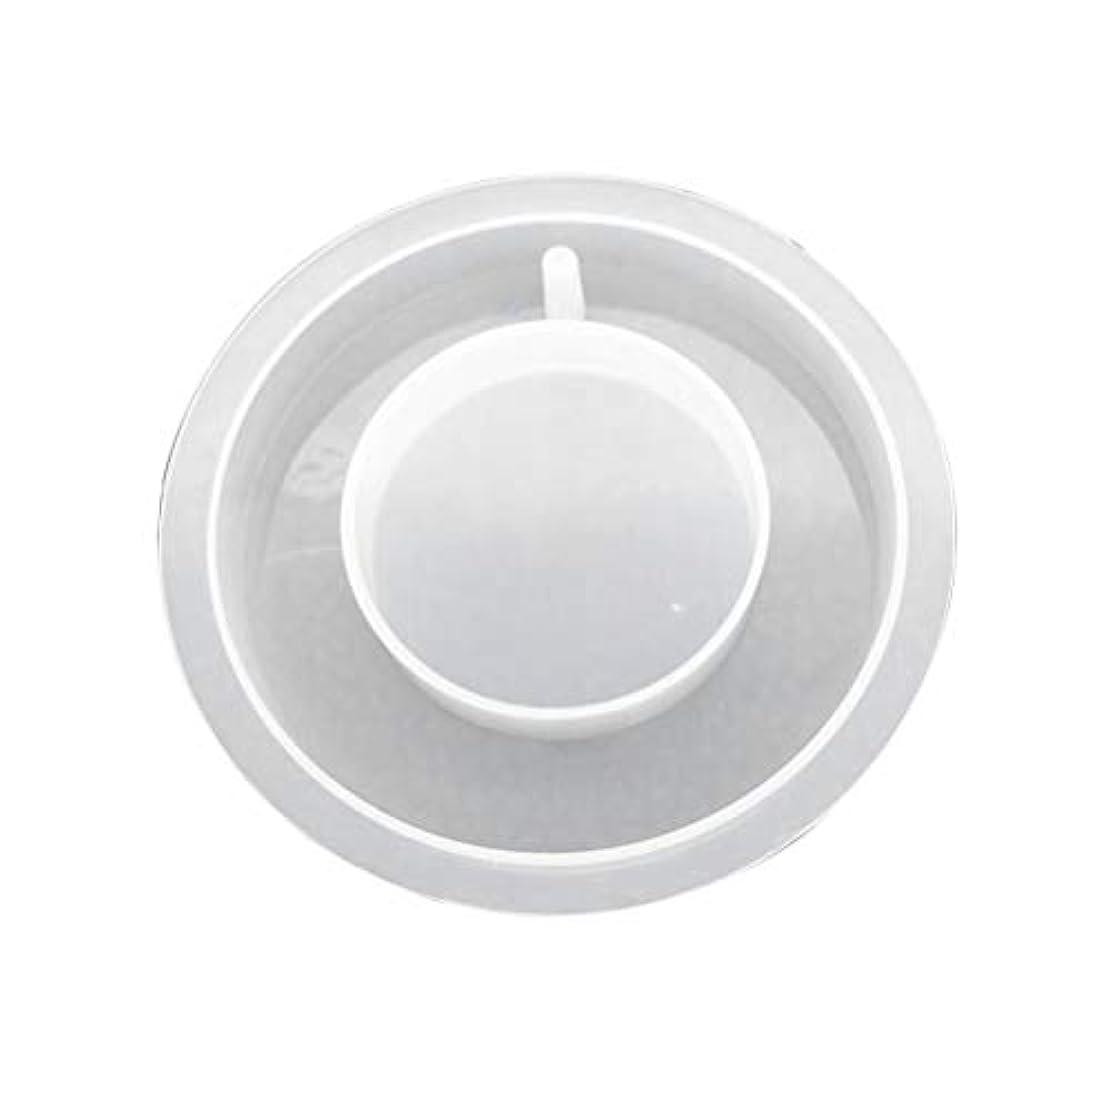 メガロポリスコンパクト記念碑的なSUPVOX 樹脂シリコーンリング形状ペンダントクリスタルエポキシ金型でぶら下げ穴石鹸キャンドル用diyギフトジュエリーネックレスペンダント作り